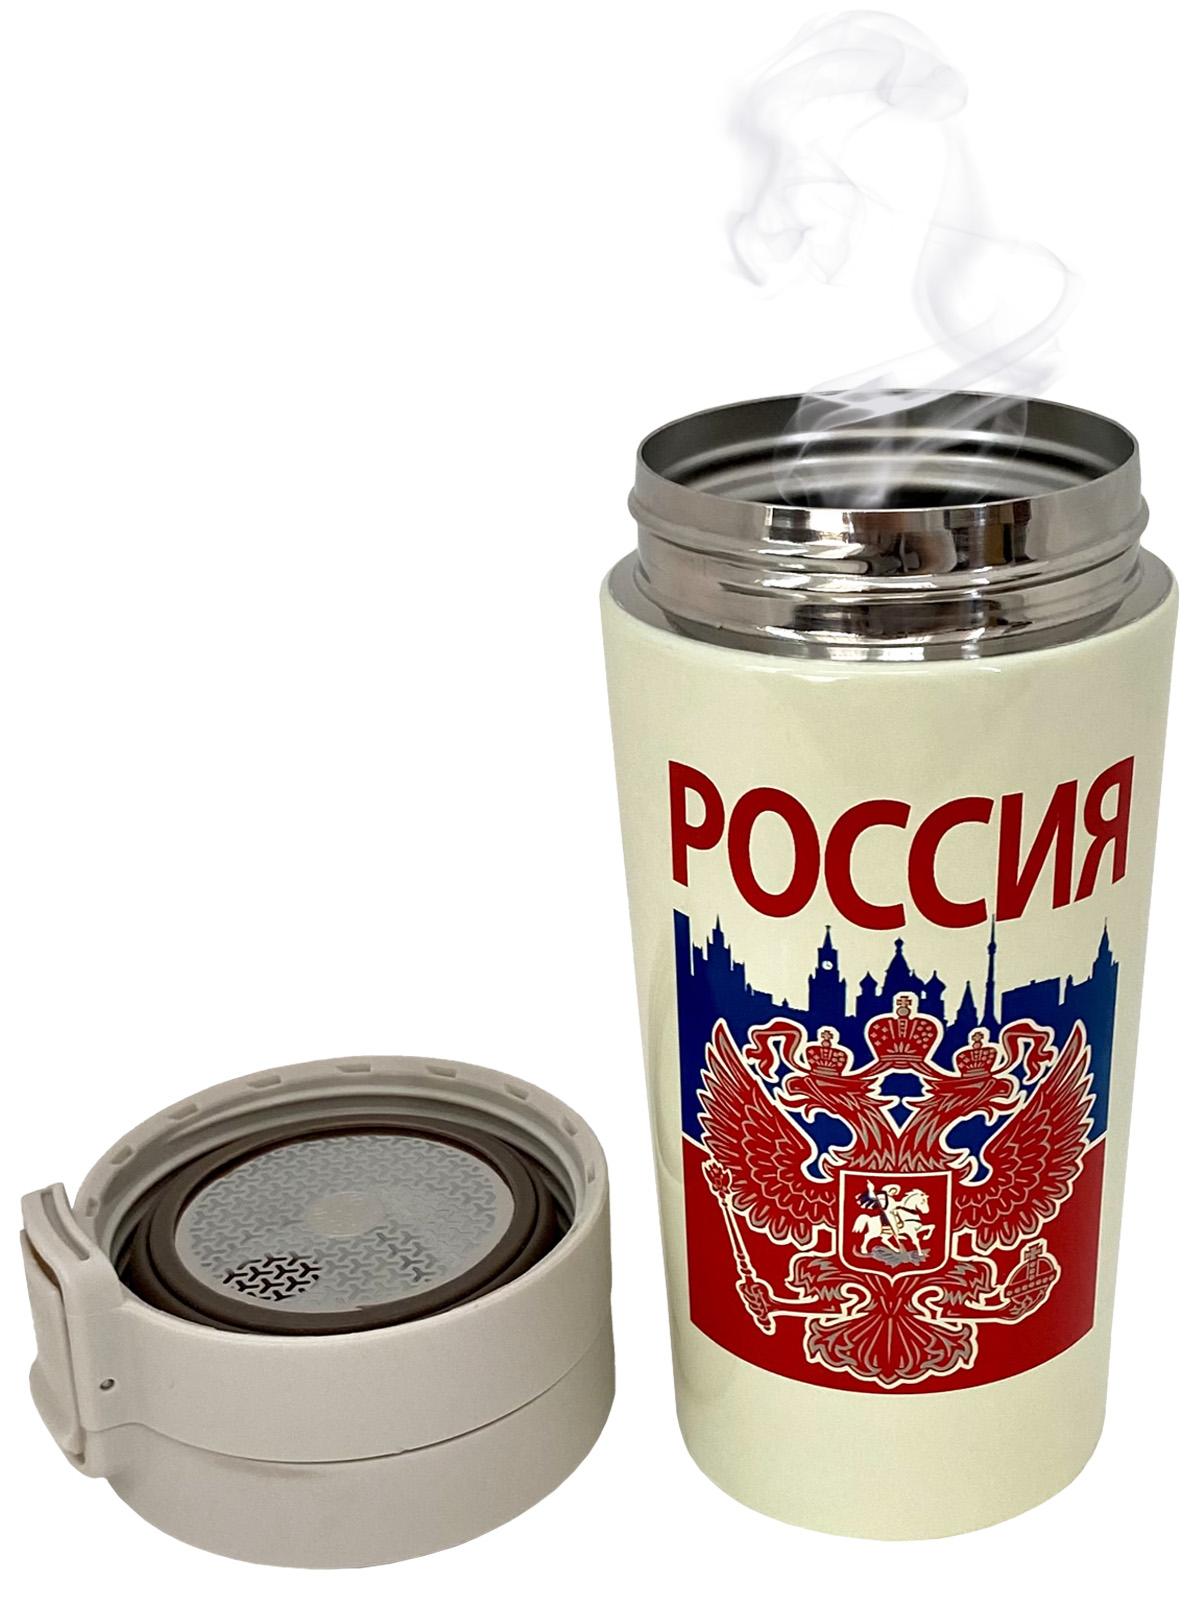 Заказать термокружки Россия оптом